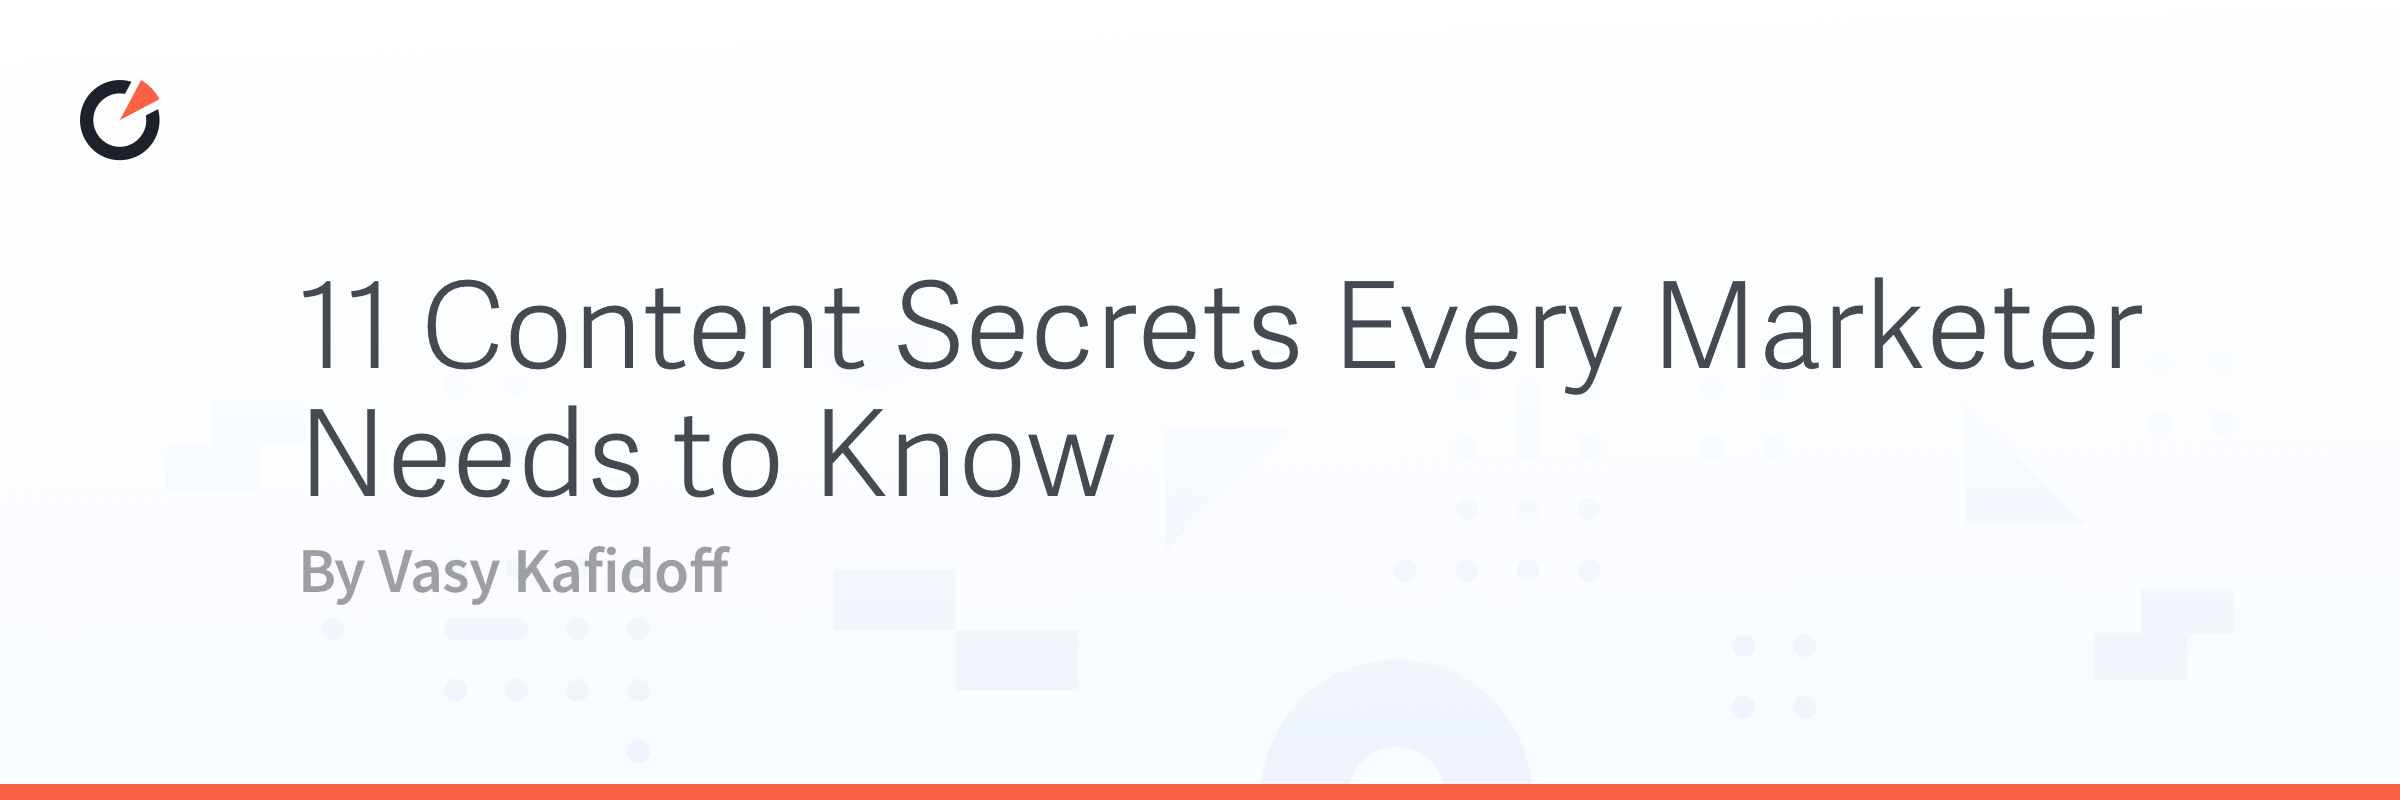 11-content-secret